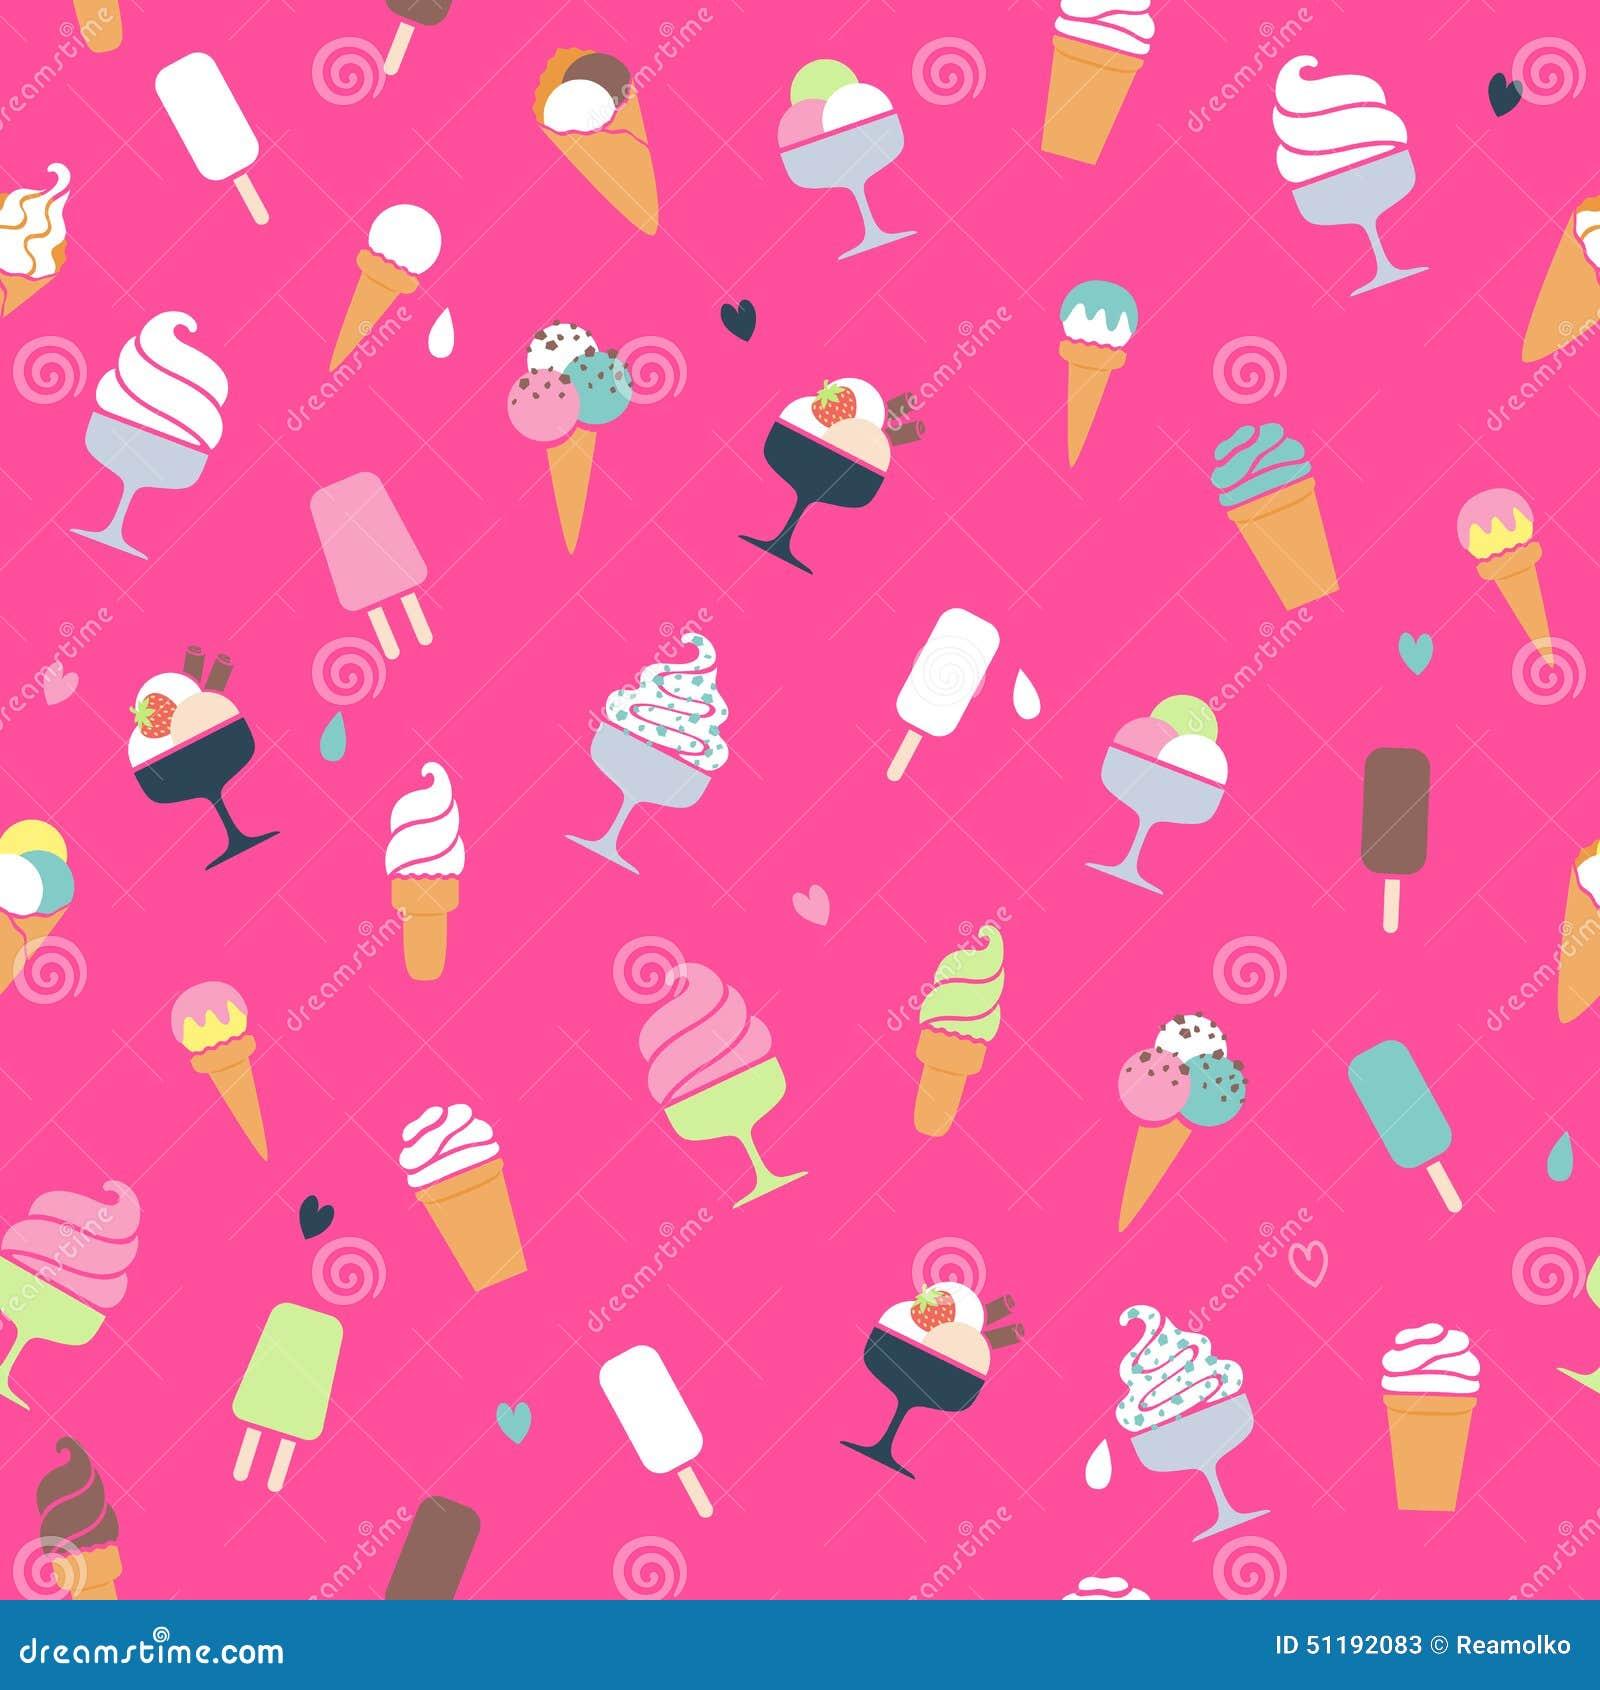 Melting Ice Cream Simple Wallpaper Designs: Fondo Rosa Illustrazione Vettoriale